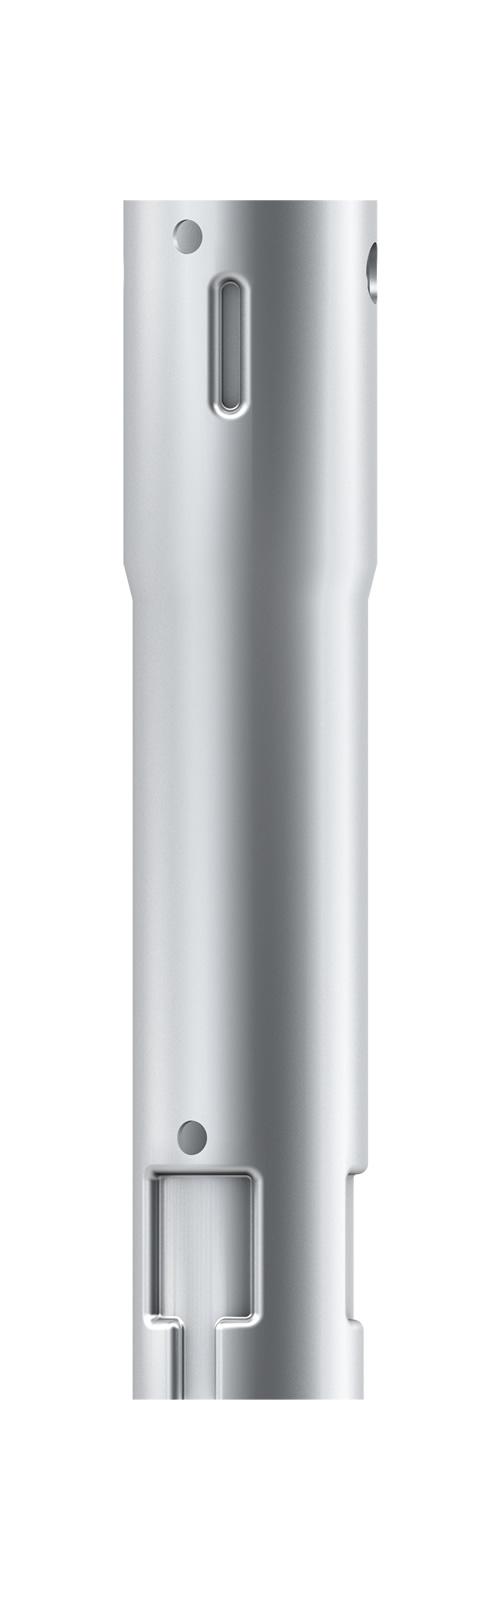 BAYO.S prodloužení zemního vrutu 250 mm